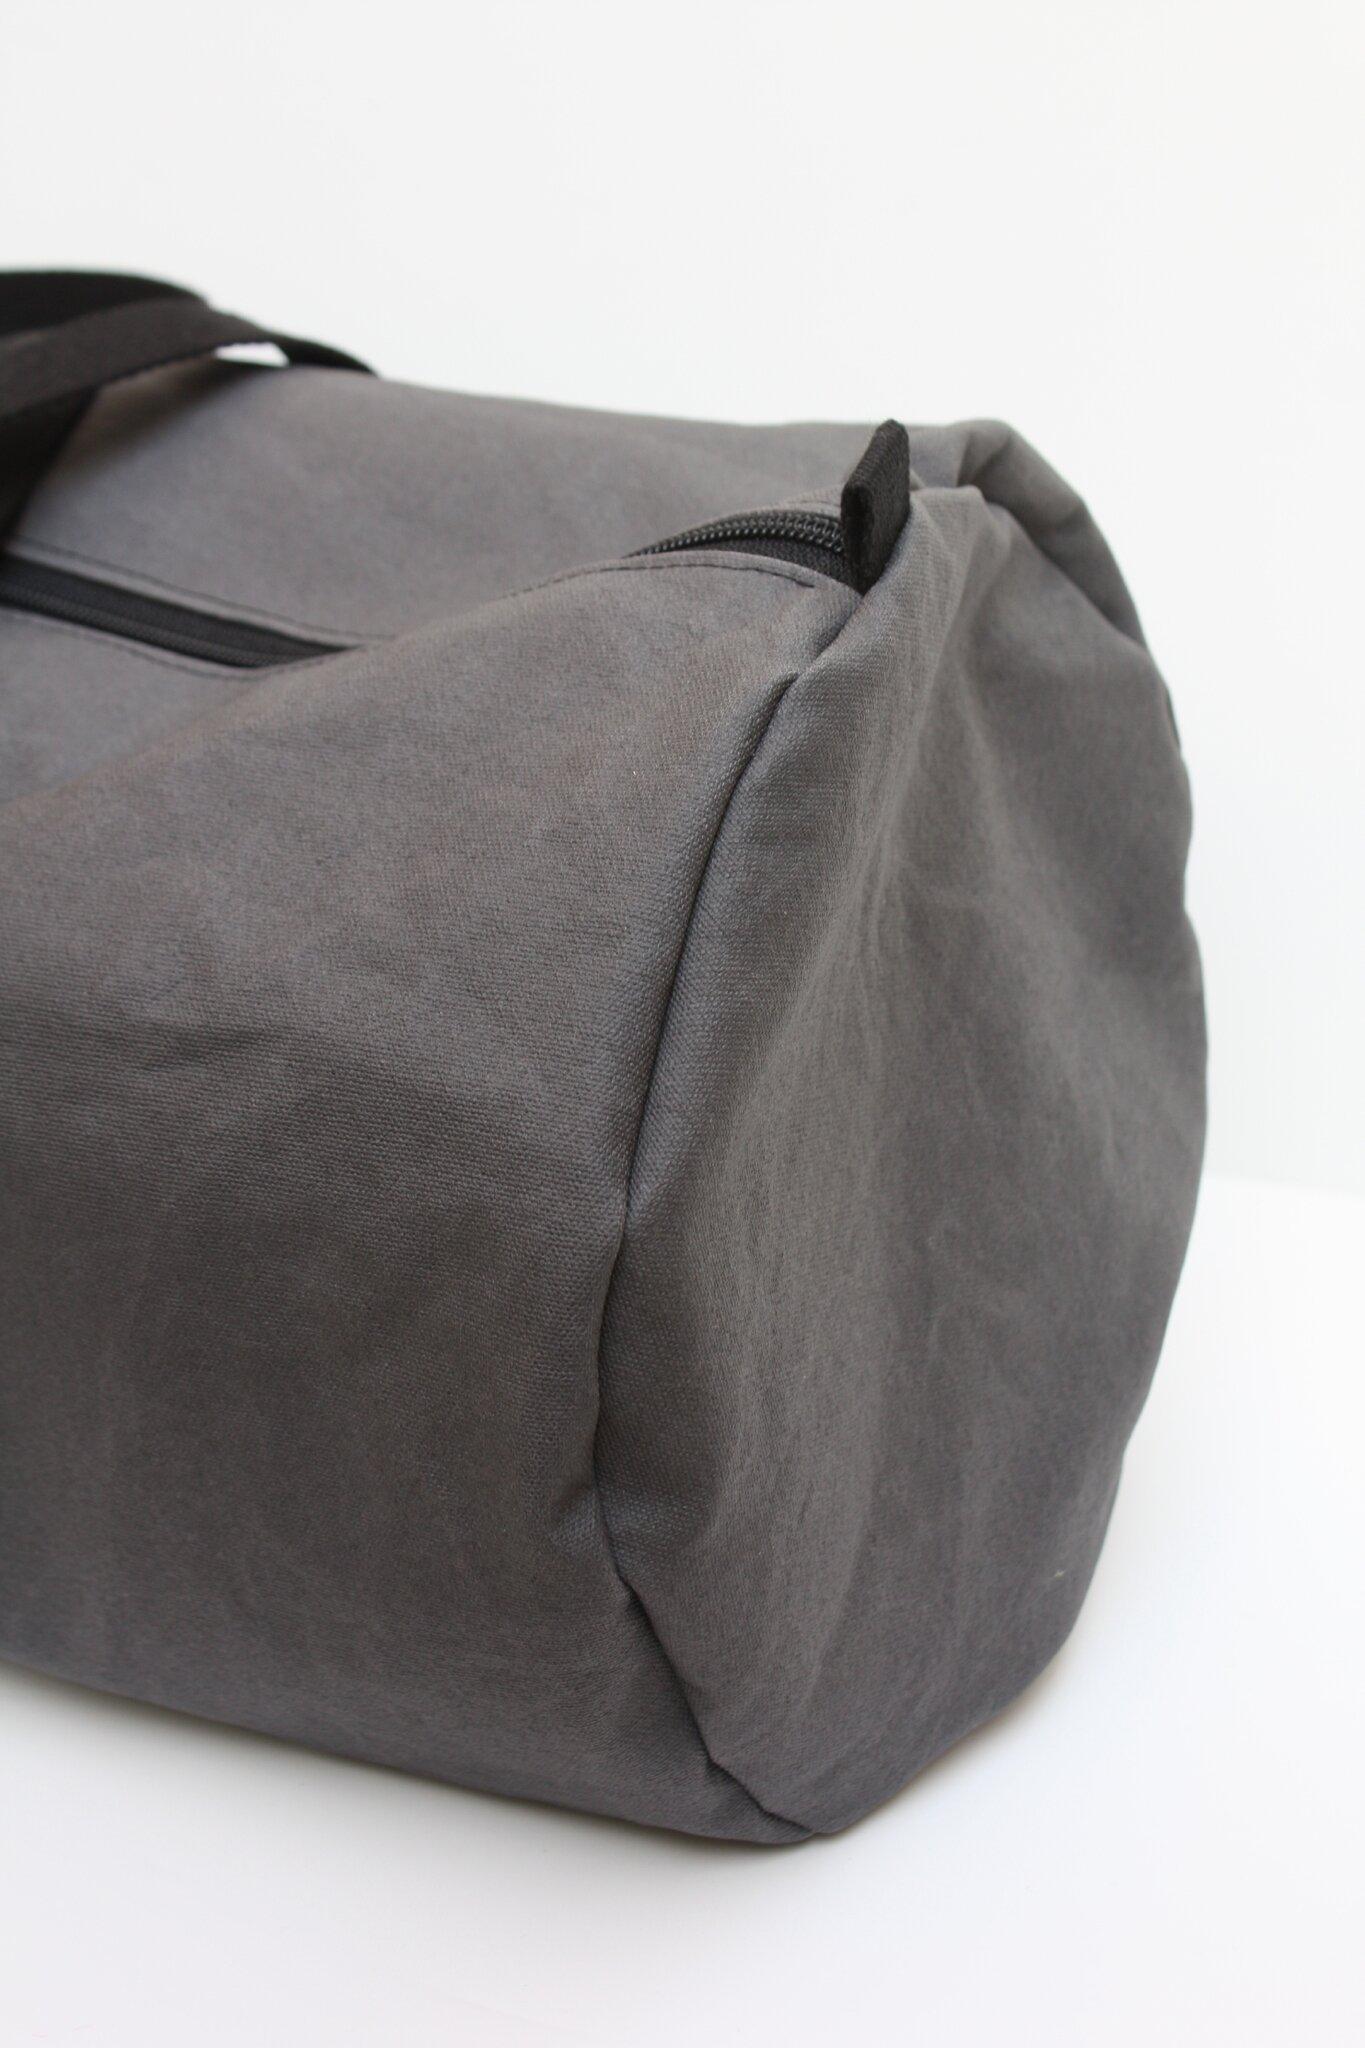 sac polochon geant commande personnalis e dans l 39 atelier. Black Bedroom Furniture Sets. Home Design Ideas